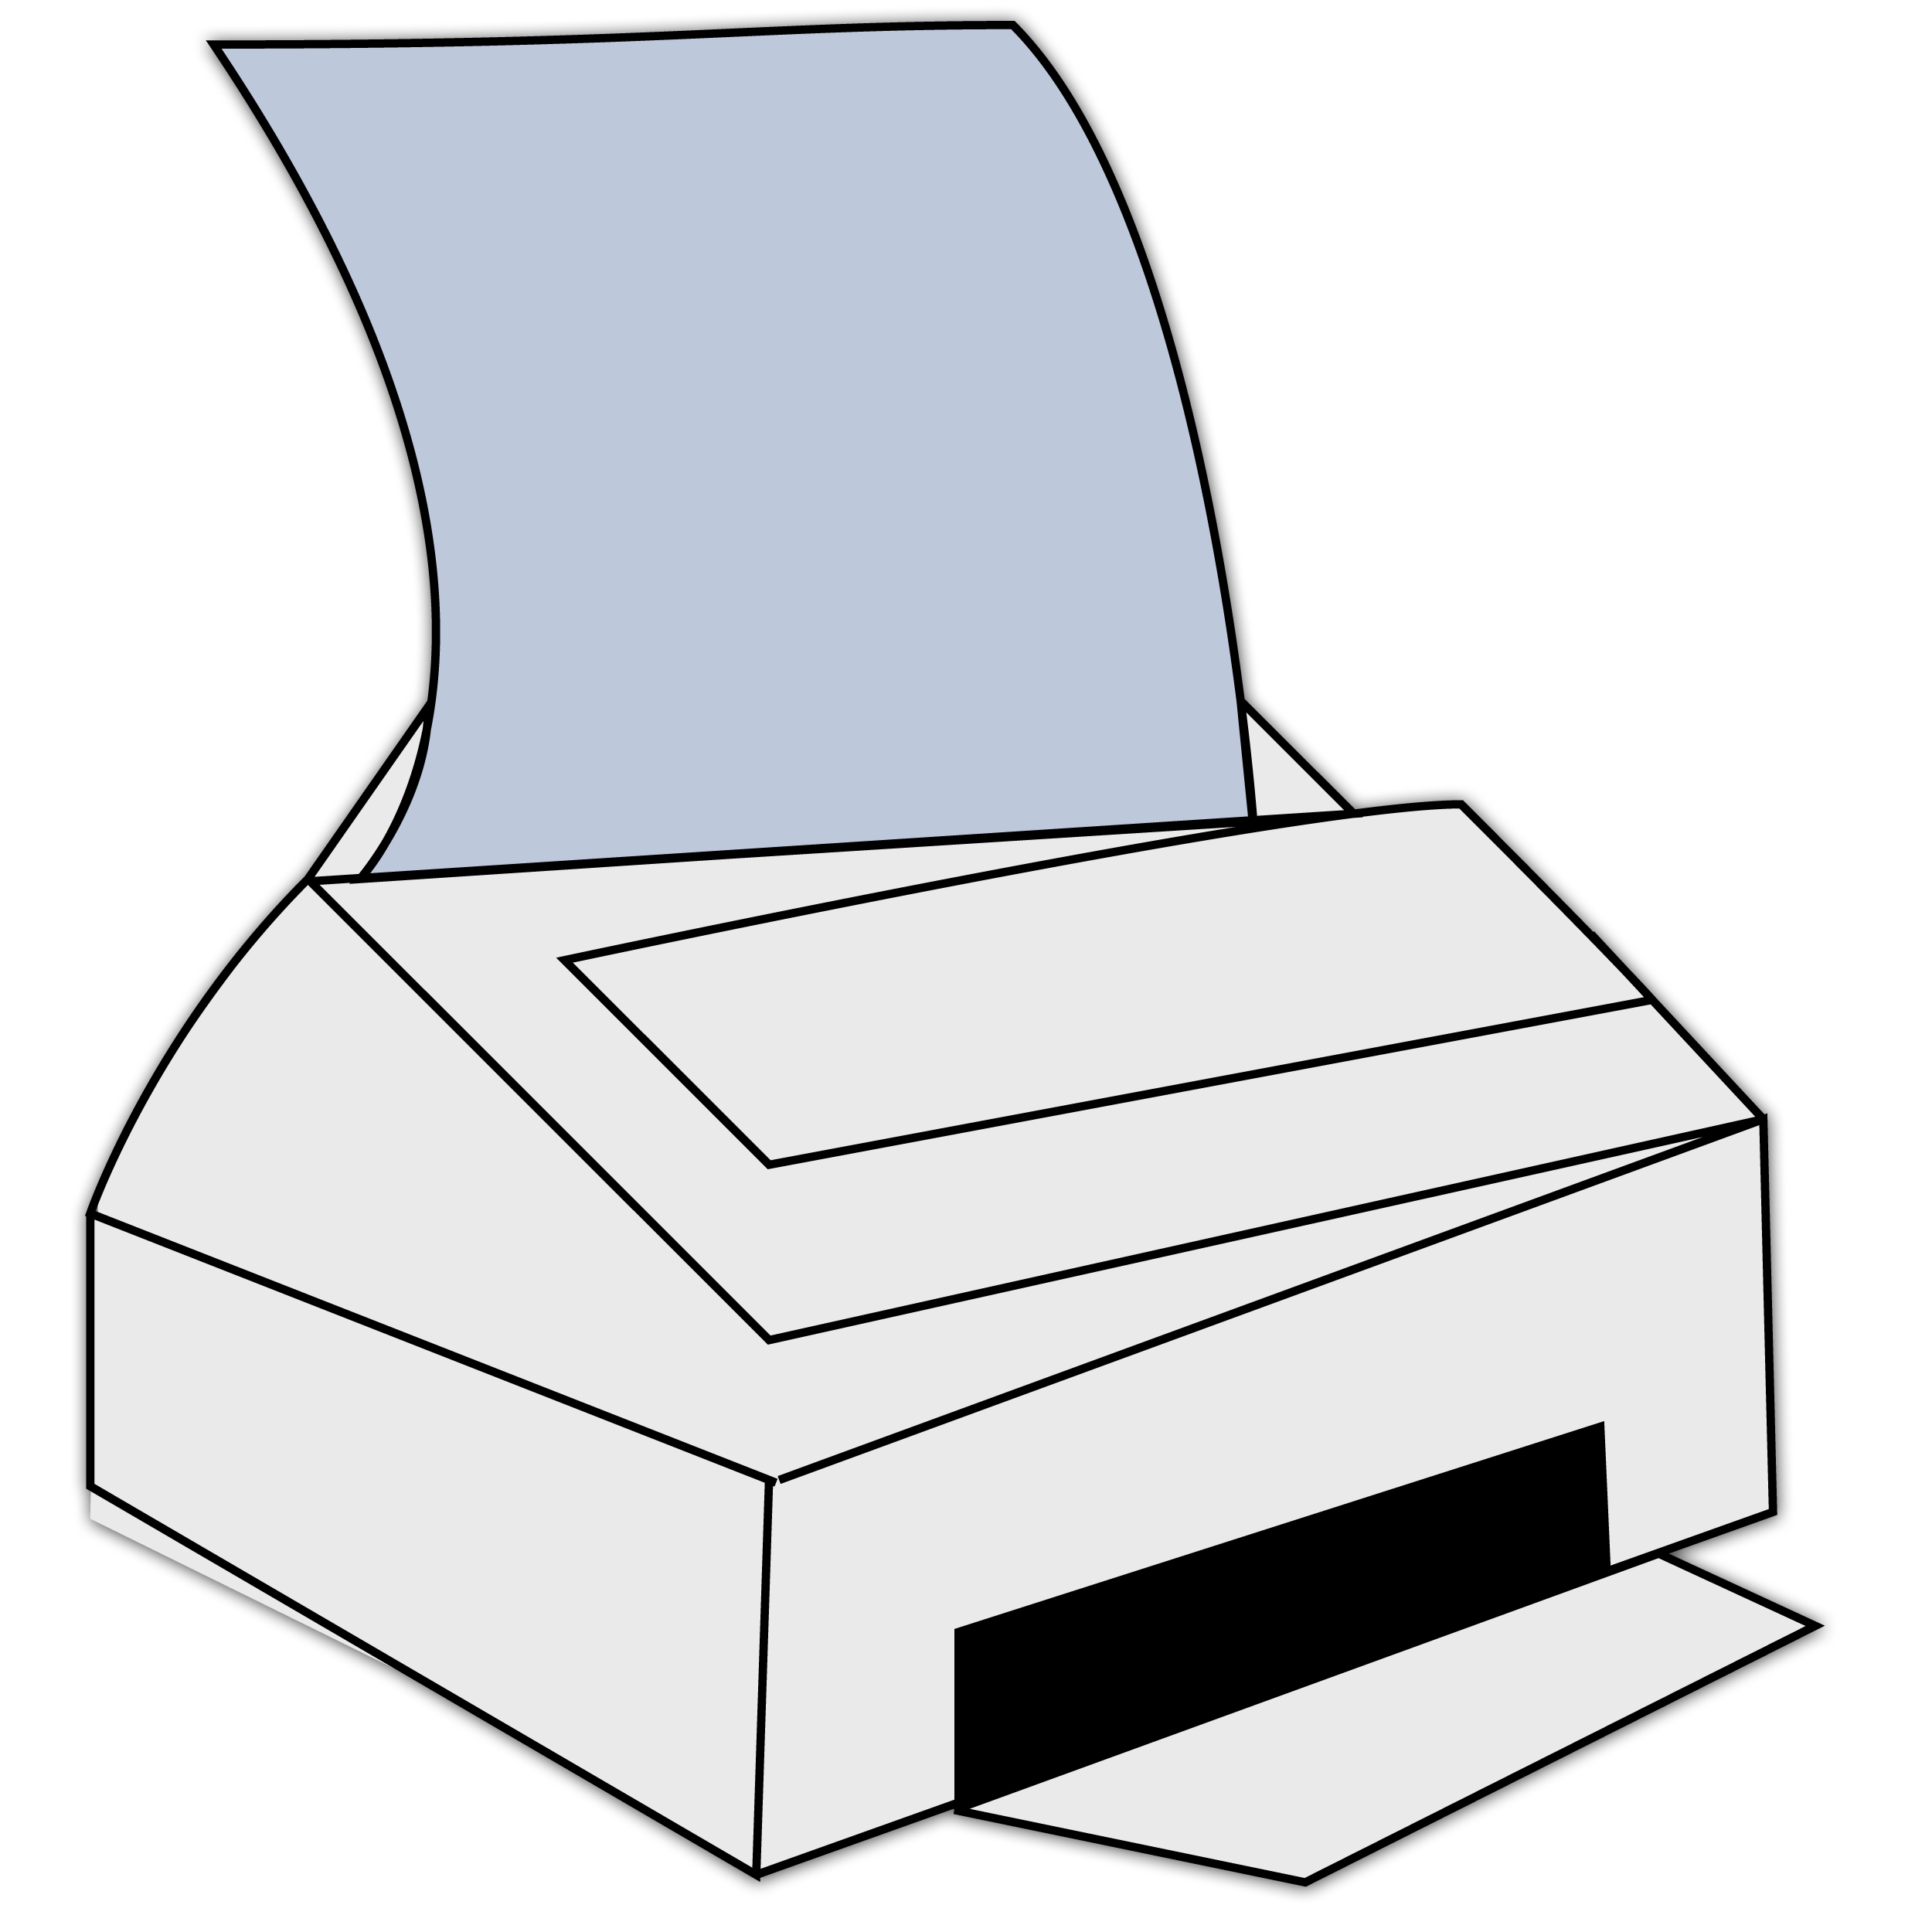 Primi passi con la stampa digitale. Transfer e diretta